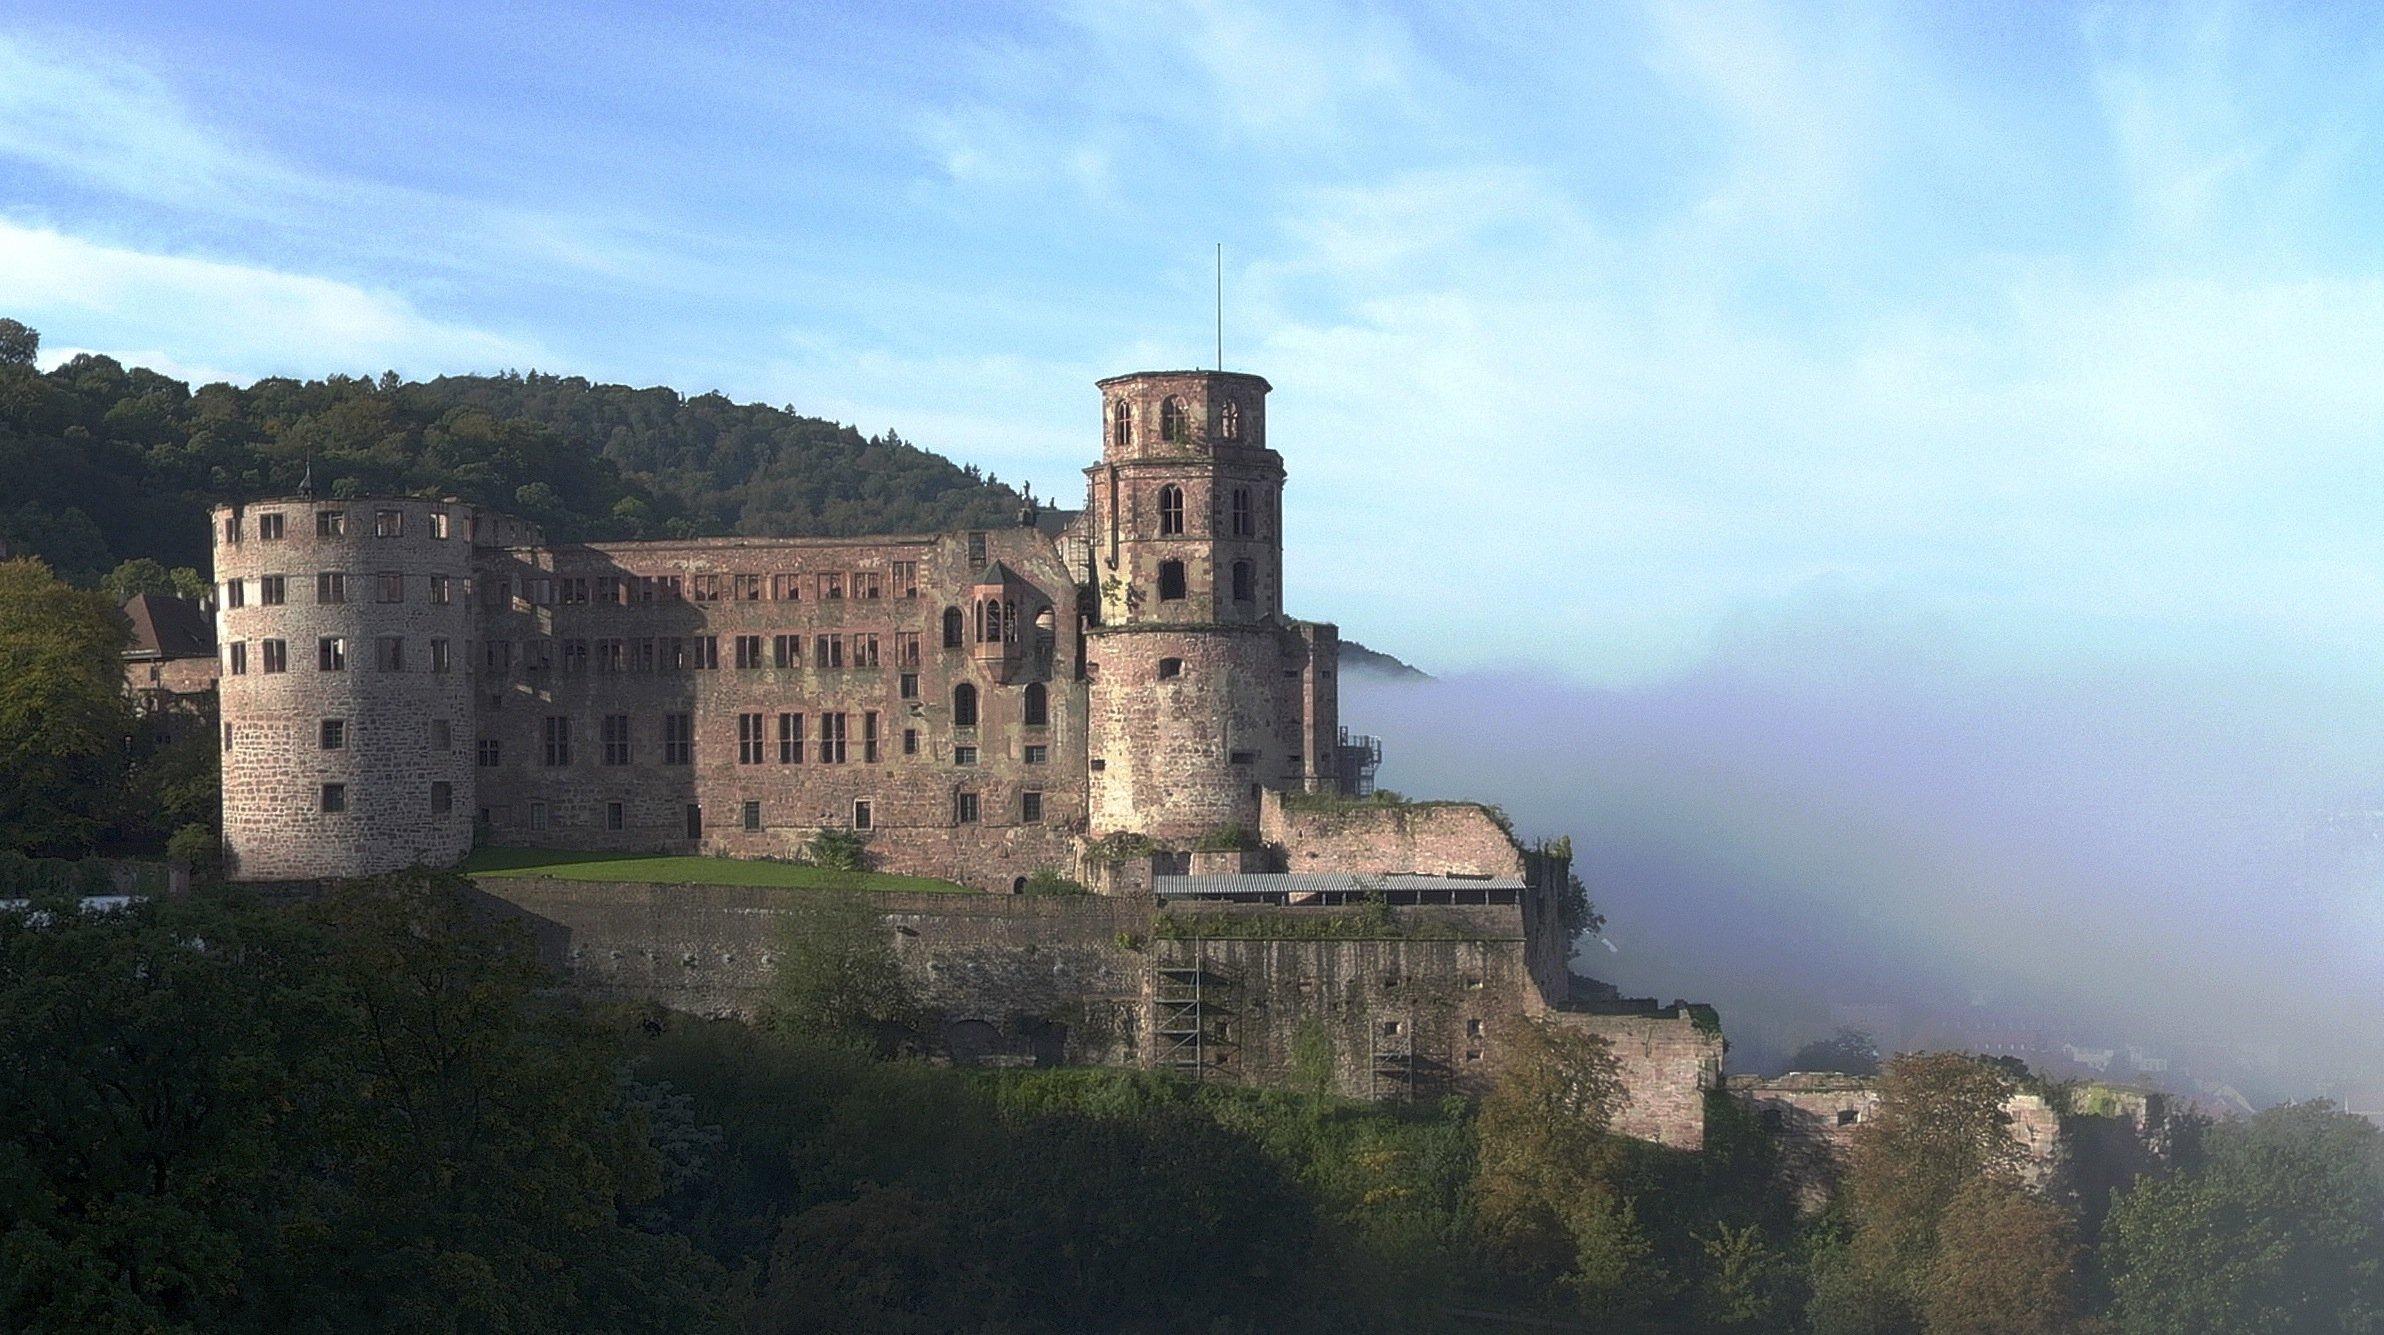 Schloss Heidelberg thront an der Nordflanke des Königstuhls über der Altstadt von Heidelberg.